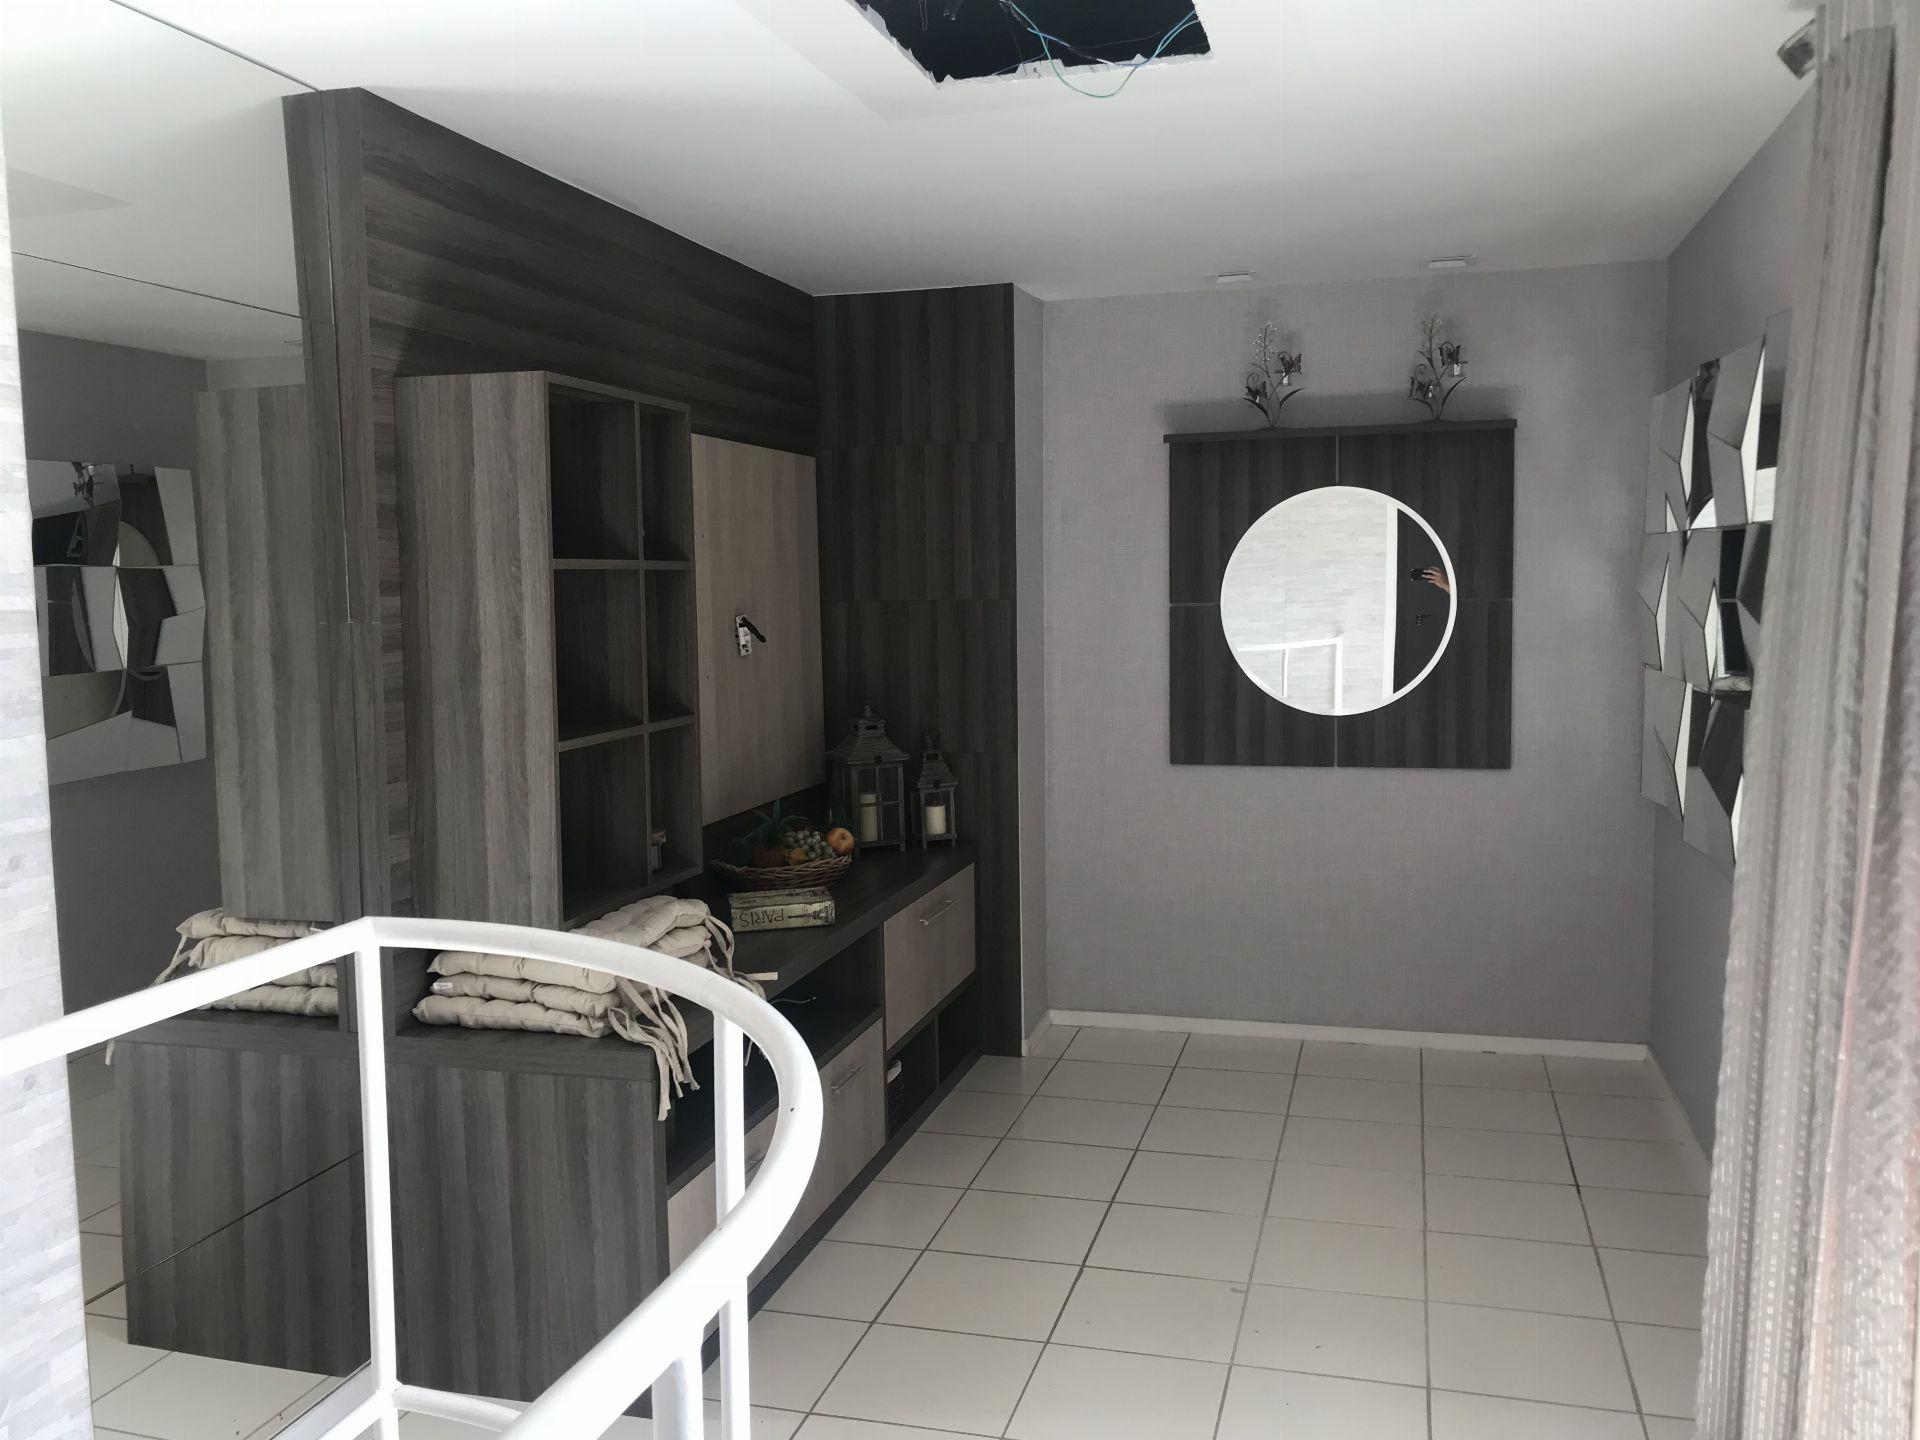 FOTO 16 - Cobertura à venda Rua Aladim,Vila Valqueire, Rio de Janeiro - R$ 570.000 - RF119 - 17